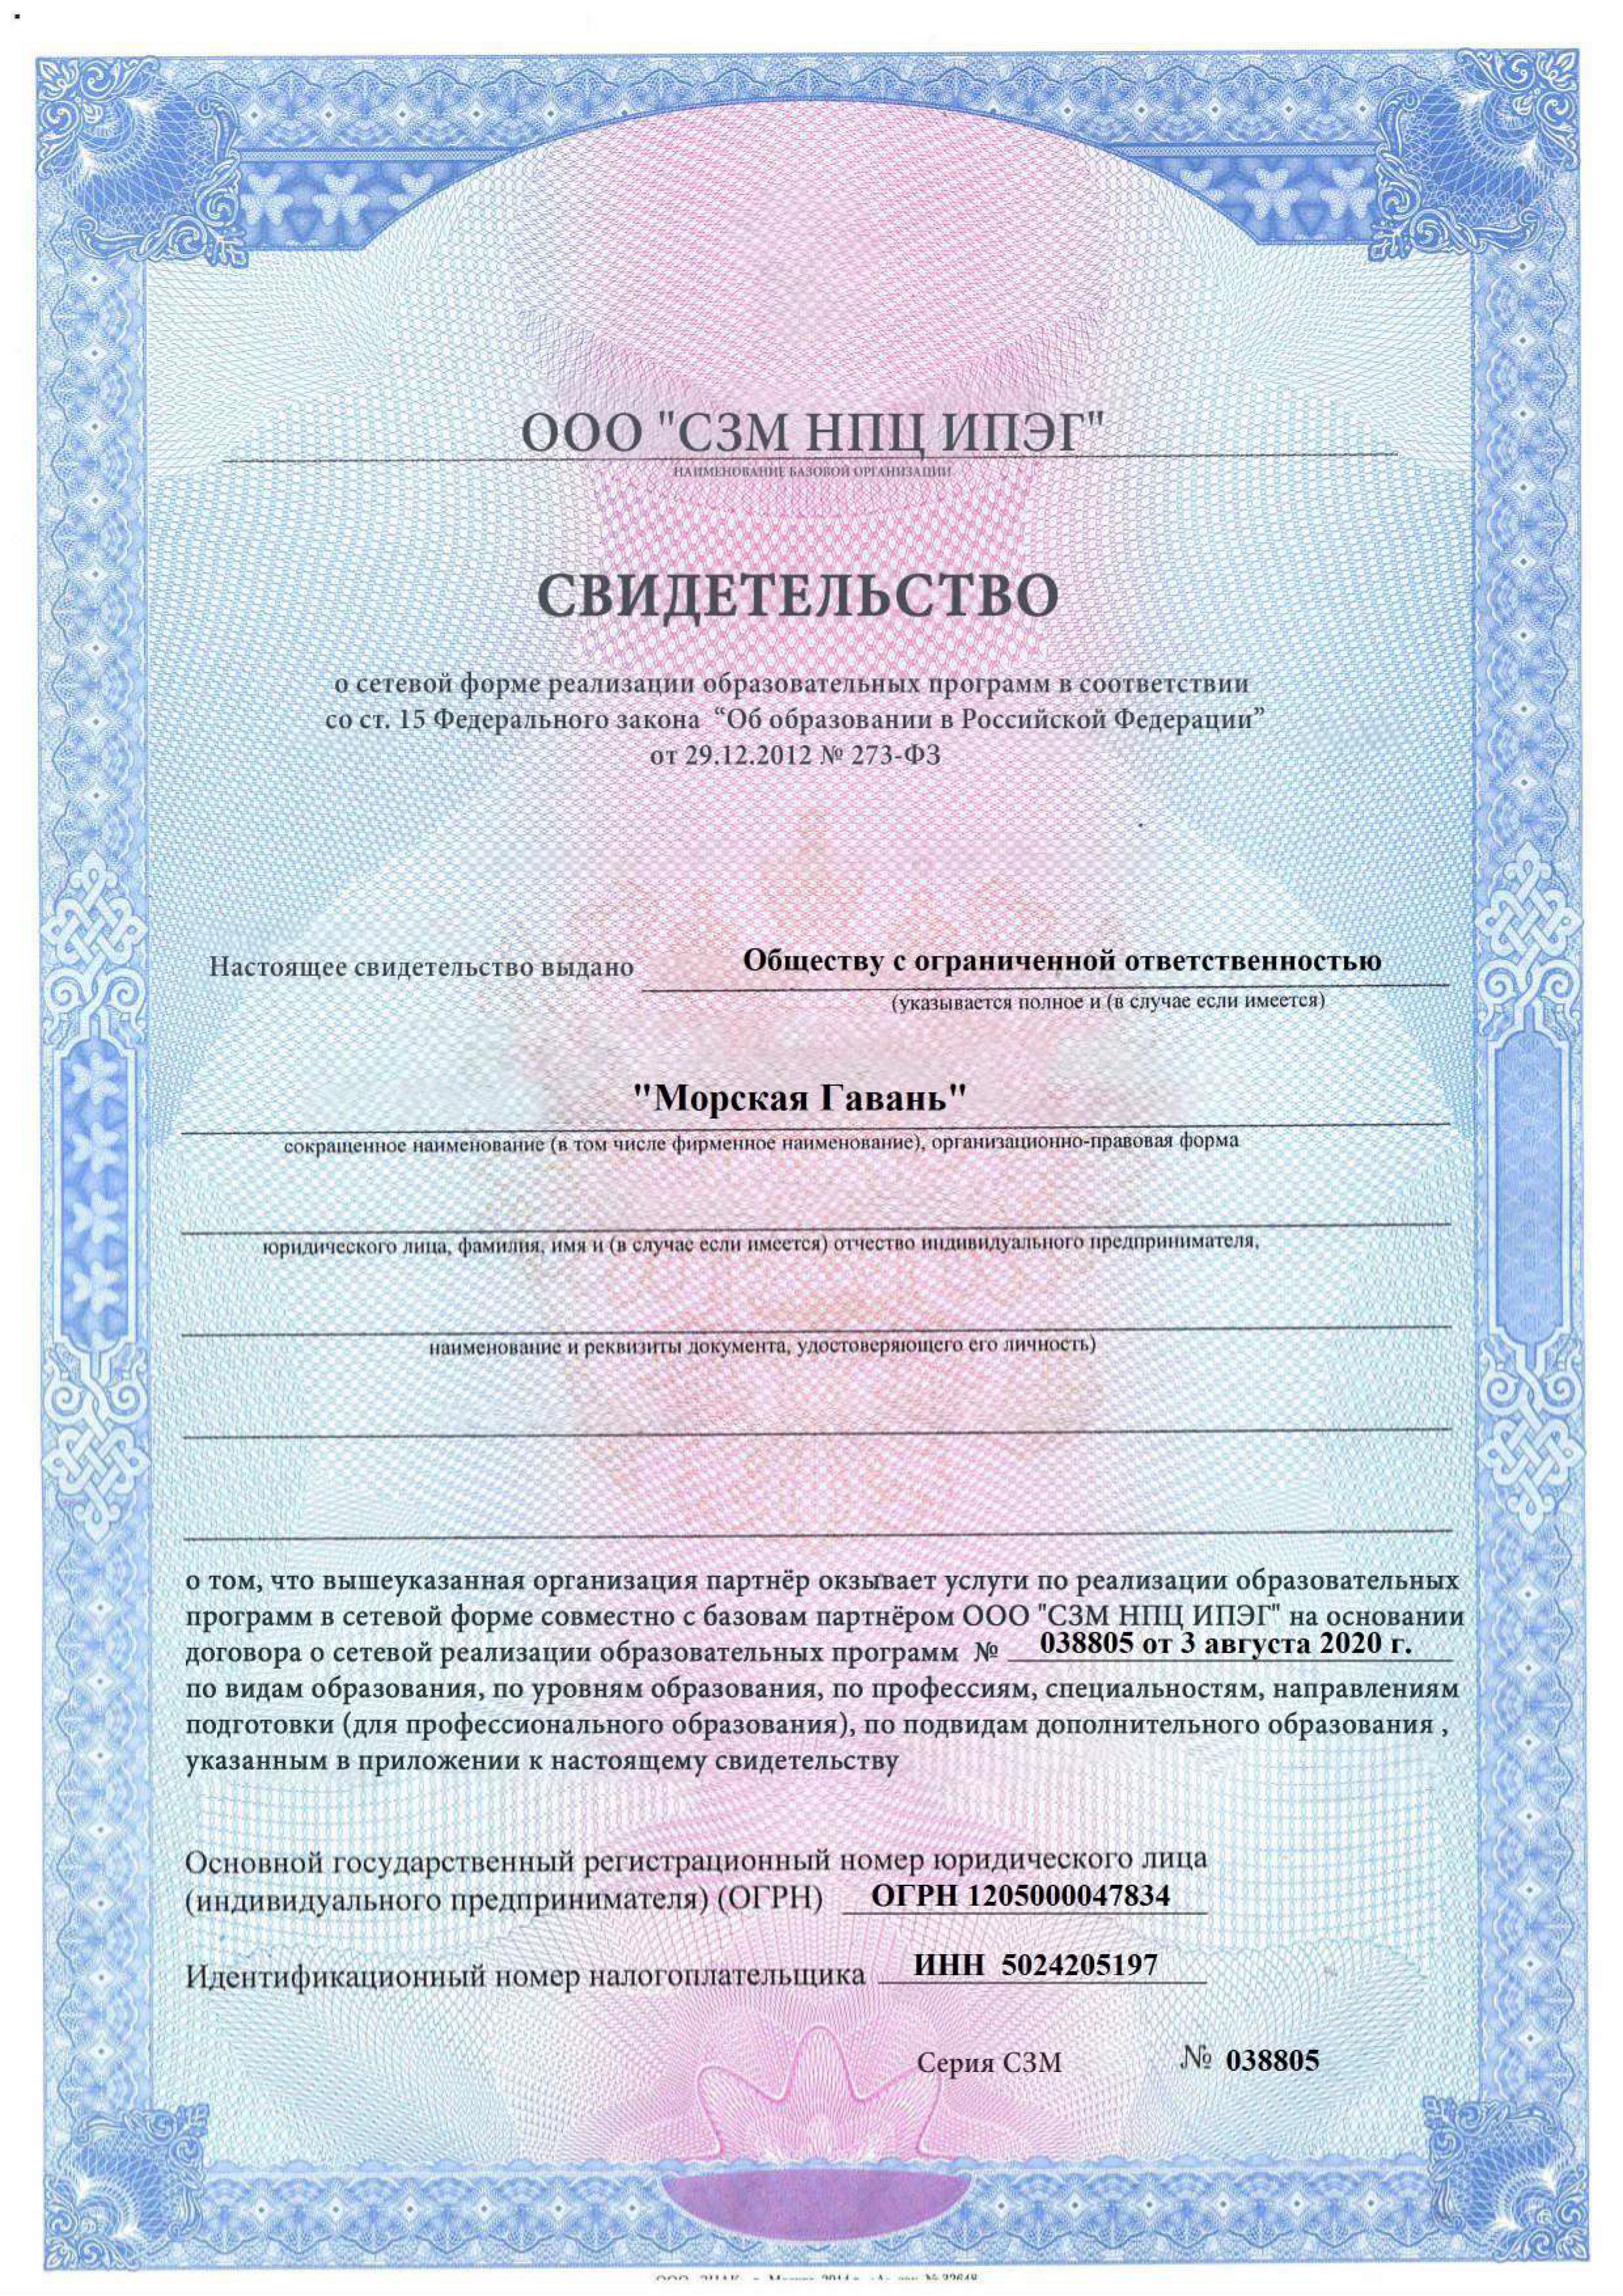 Свидетельство о сертификации Морская Гавань-1